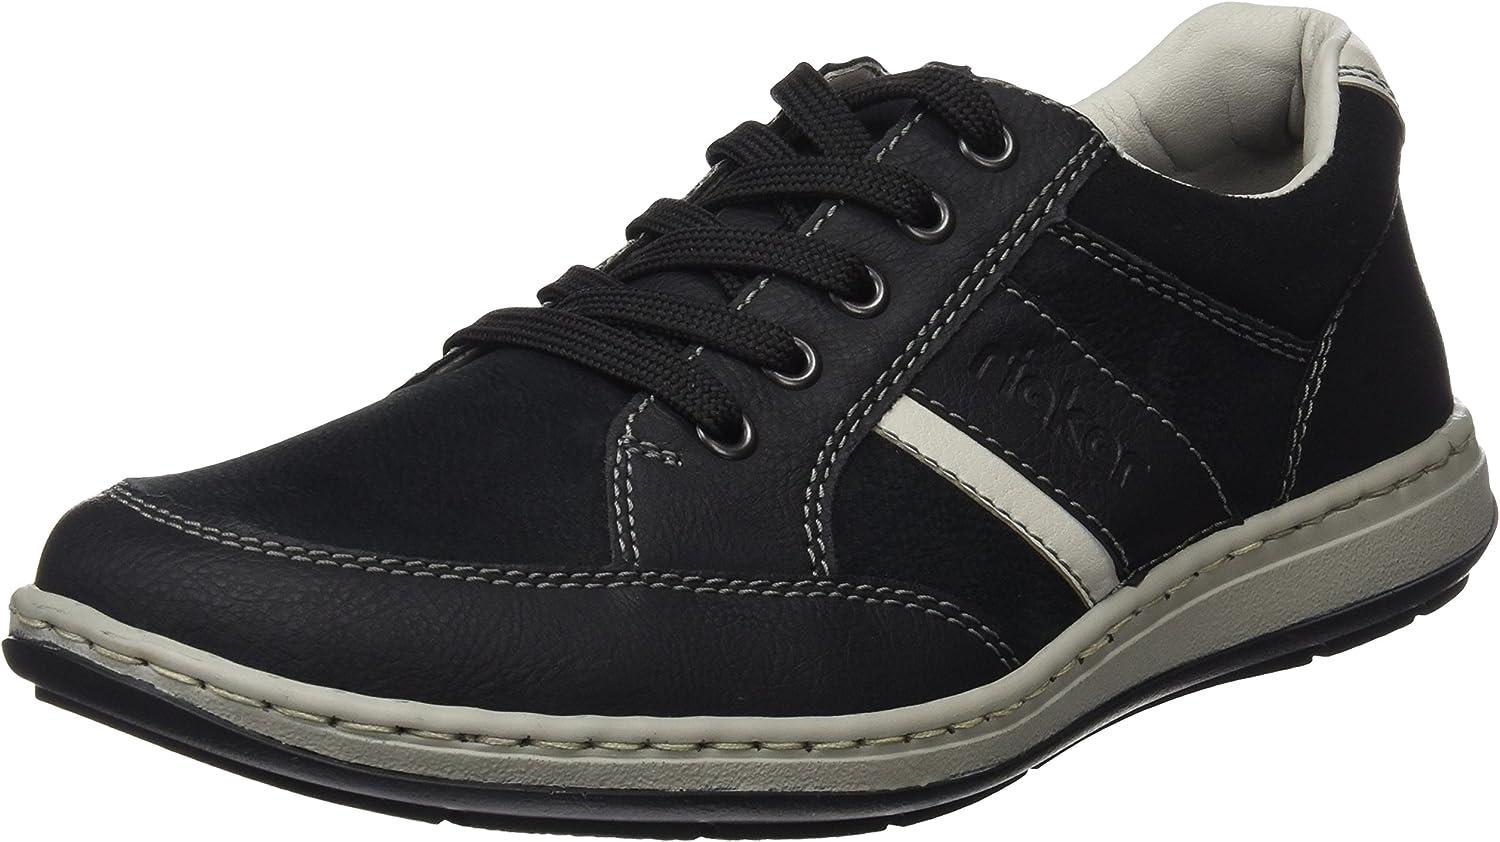 Rieker Men's 17312 Low-Top Sneakers